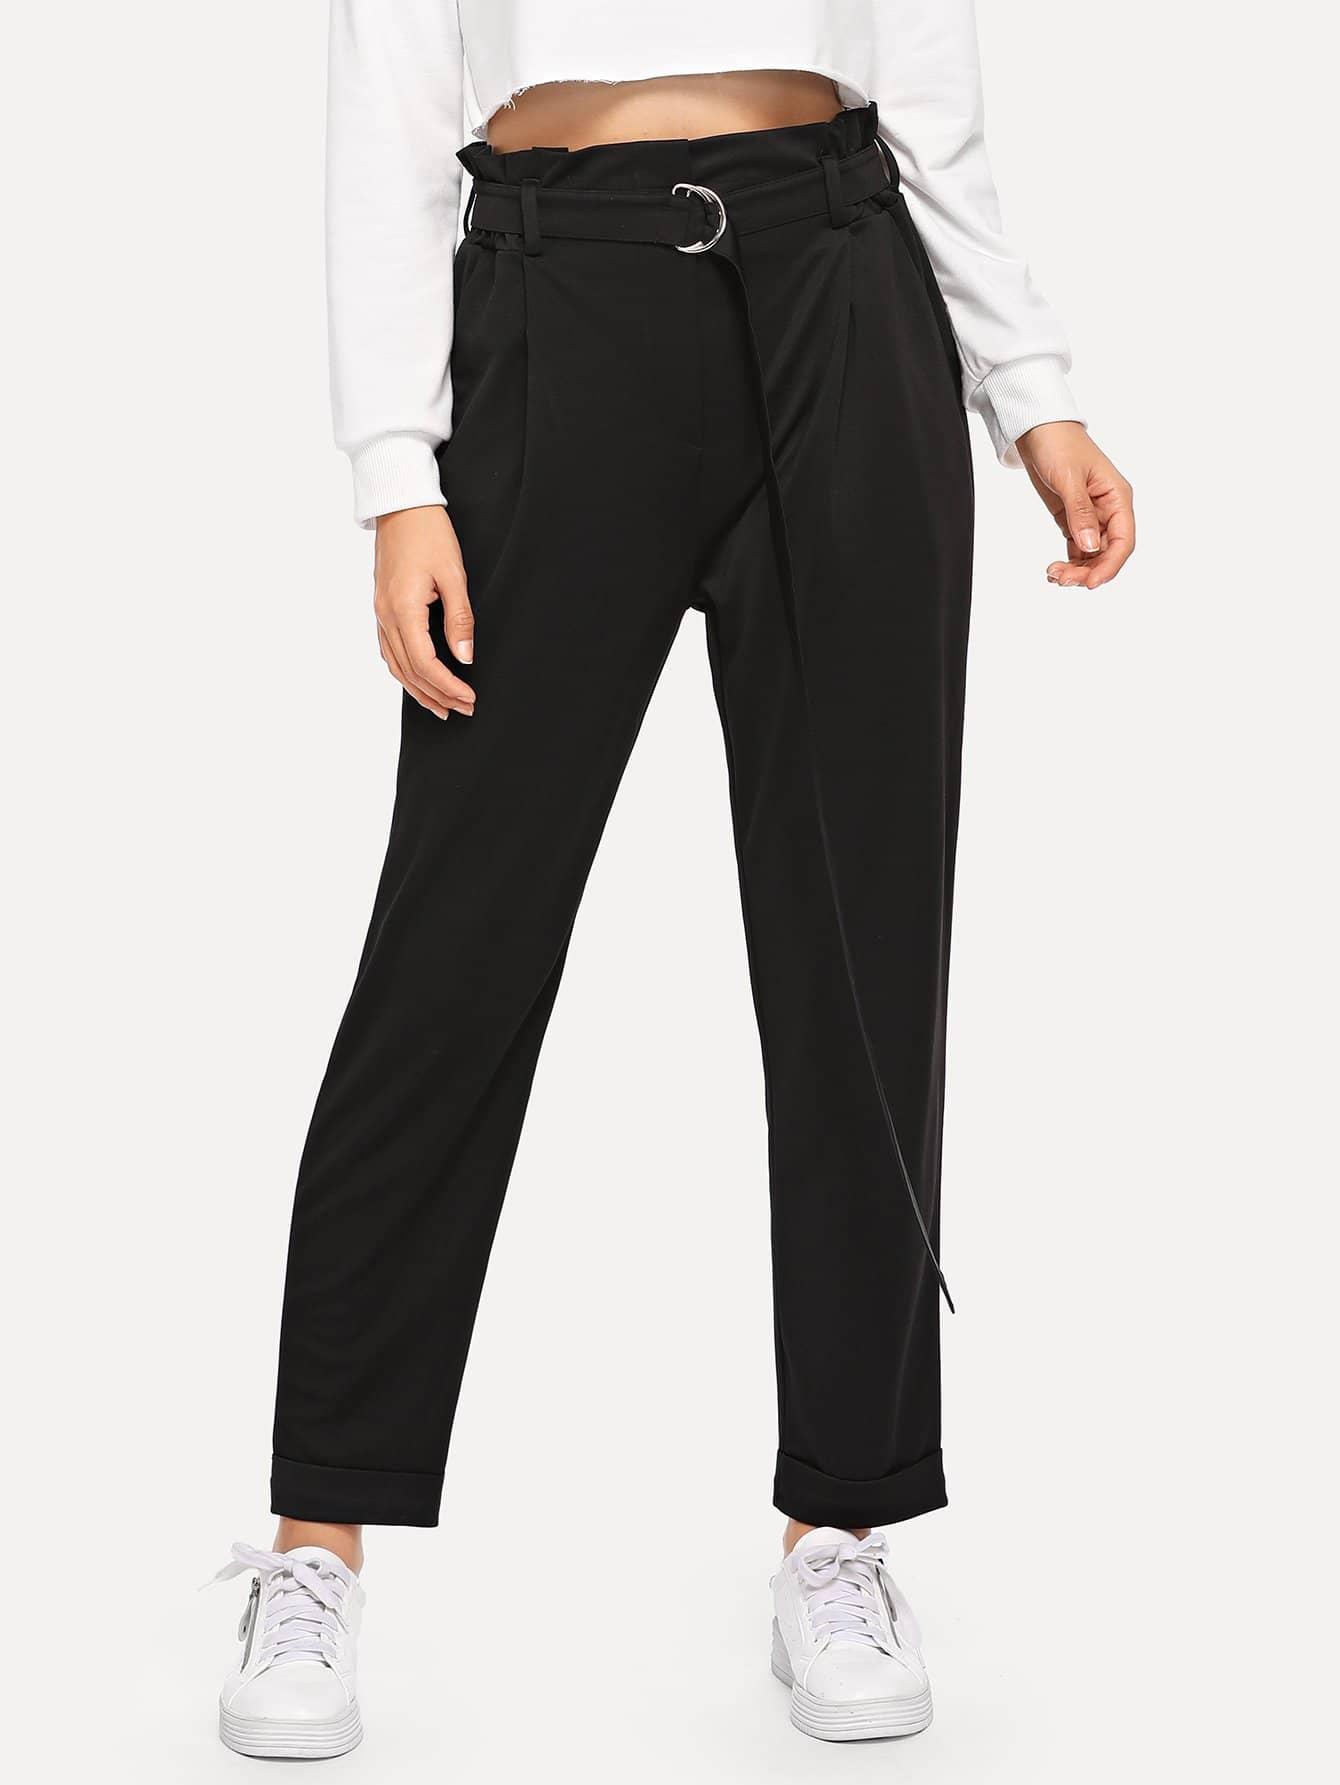 Фото - Одноцветные брюки с завязкой на талии от SheIn черного цвета